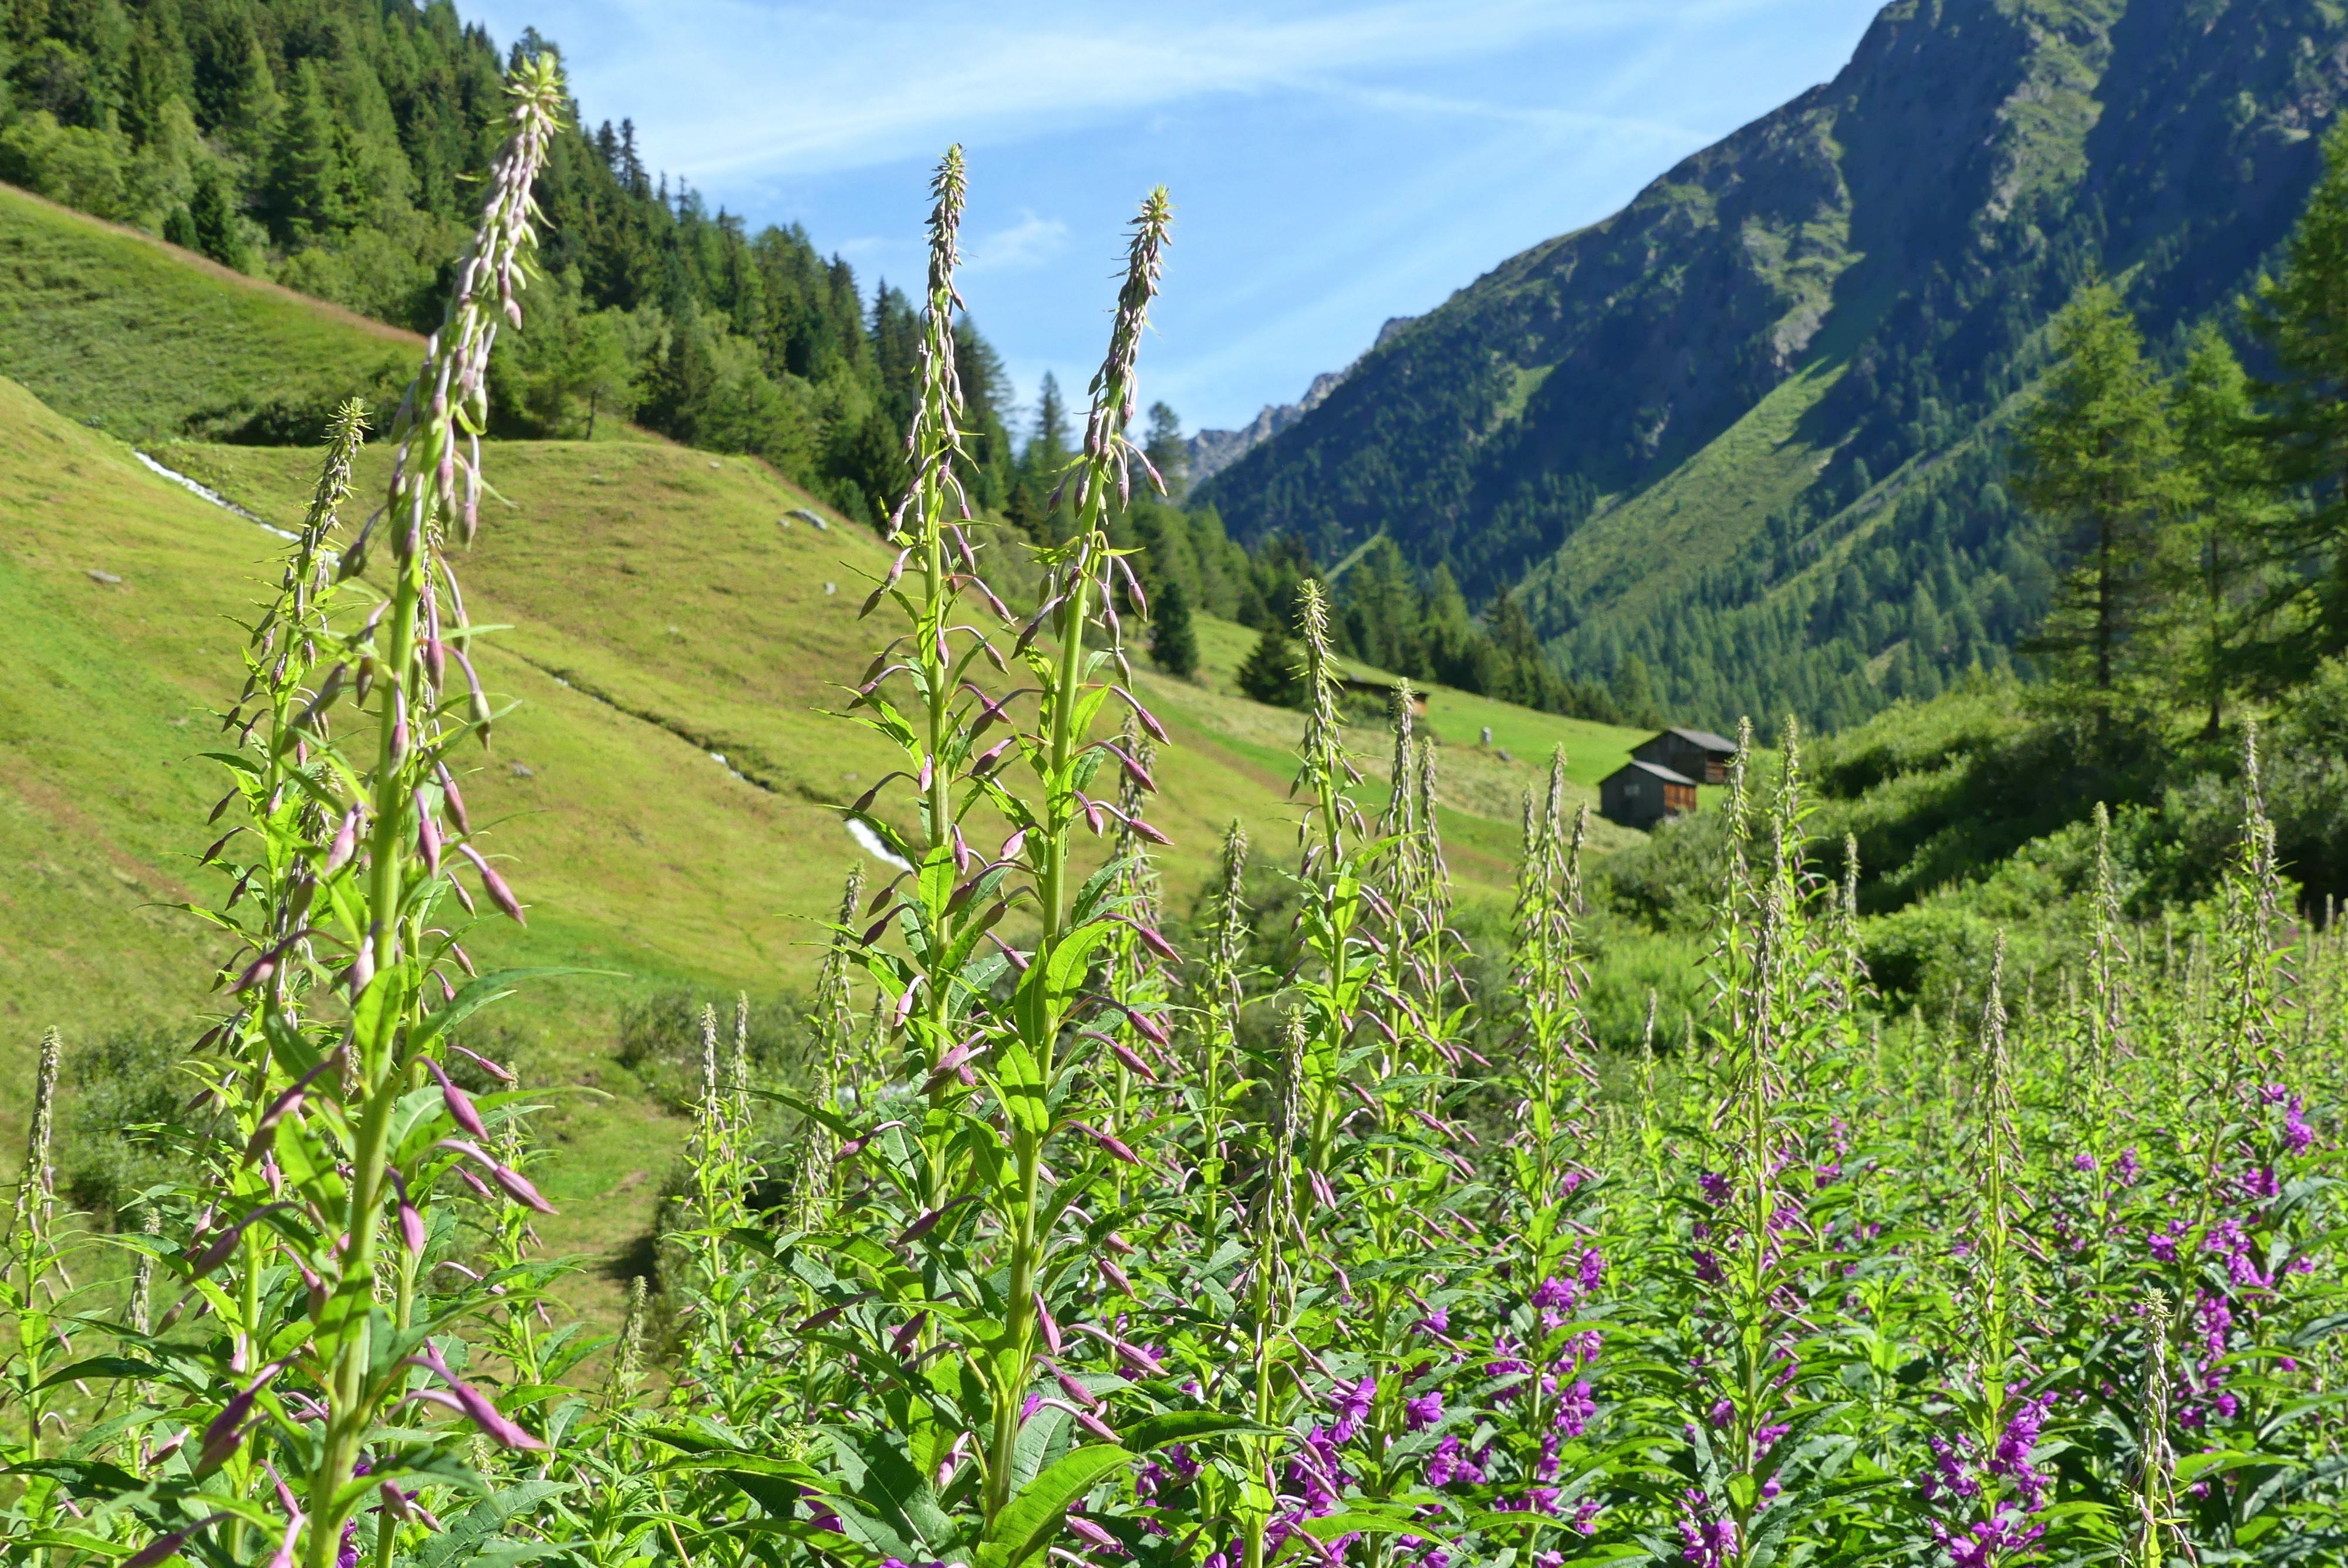 Alpenwiese auf Wanderung zur Schweinfurter Hütte